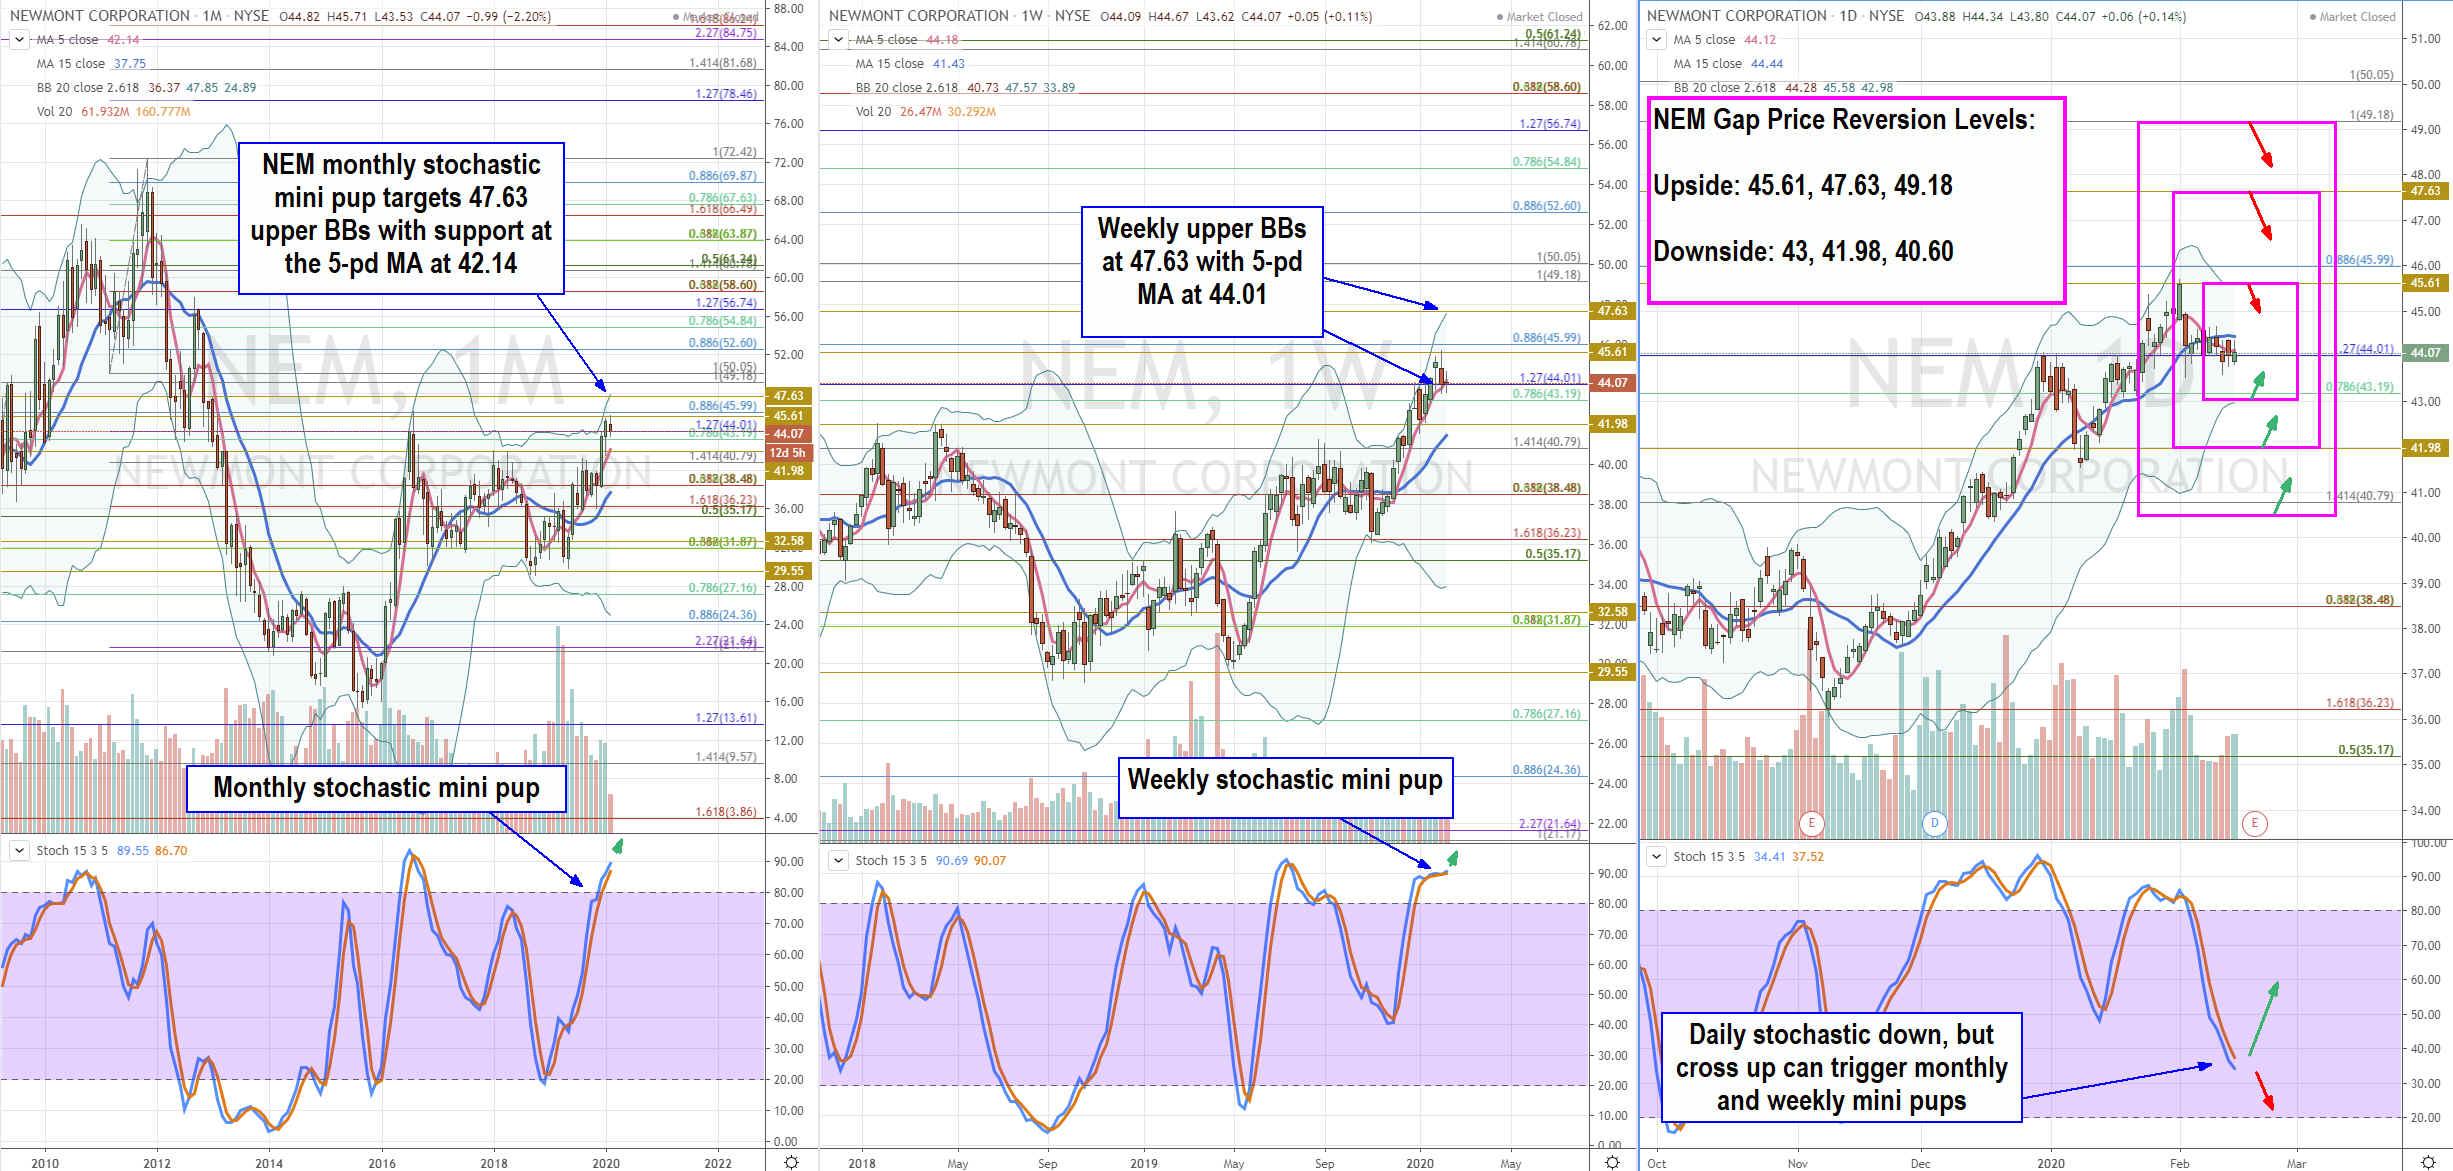 Trading Blueprint for Newmont Goldcorp Corporation (NEM) Stock